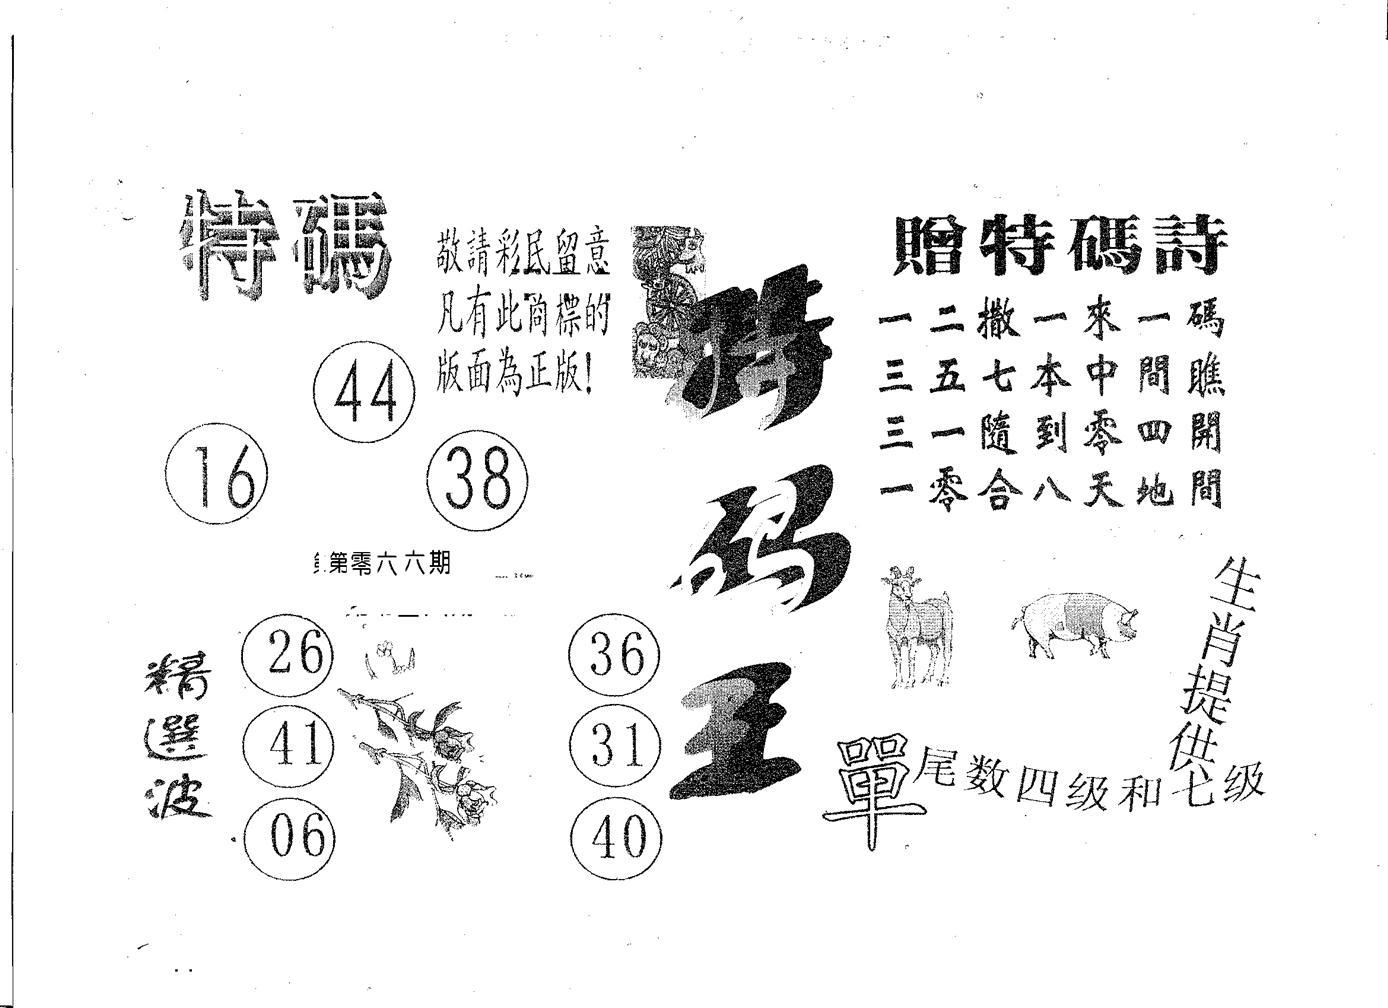 066期特码王A(黑白)